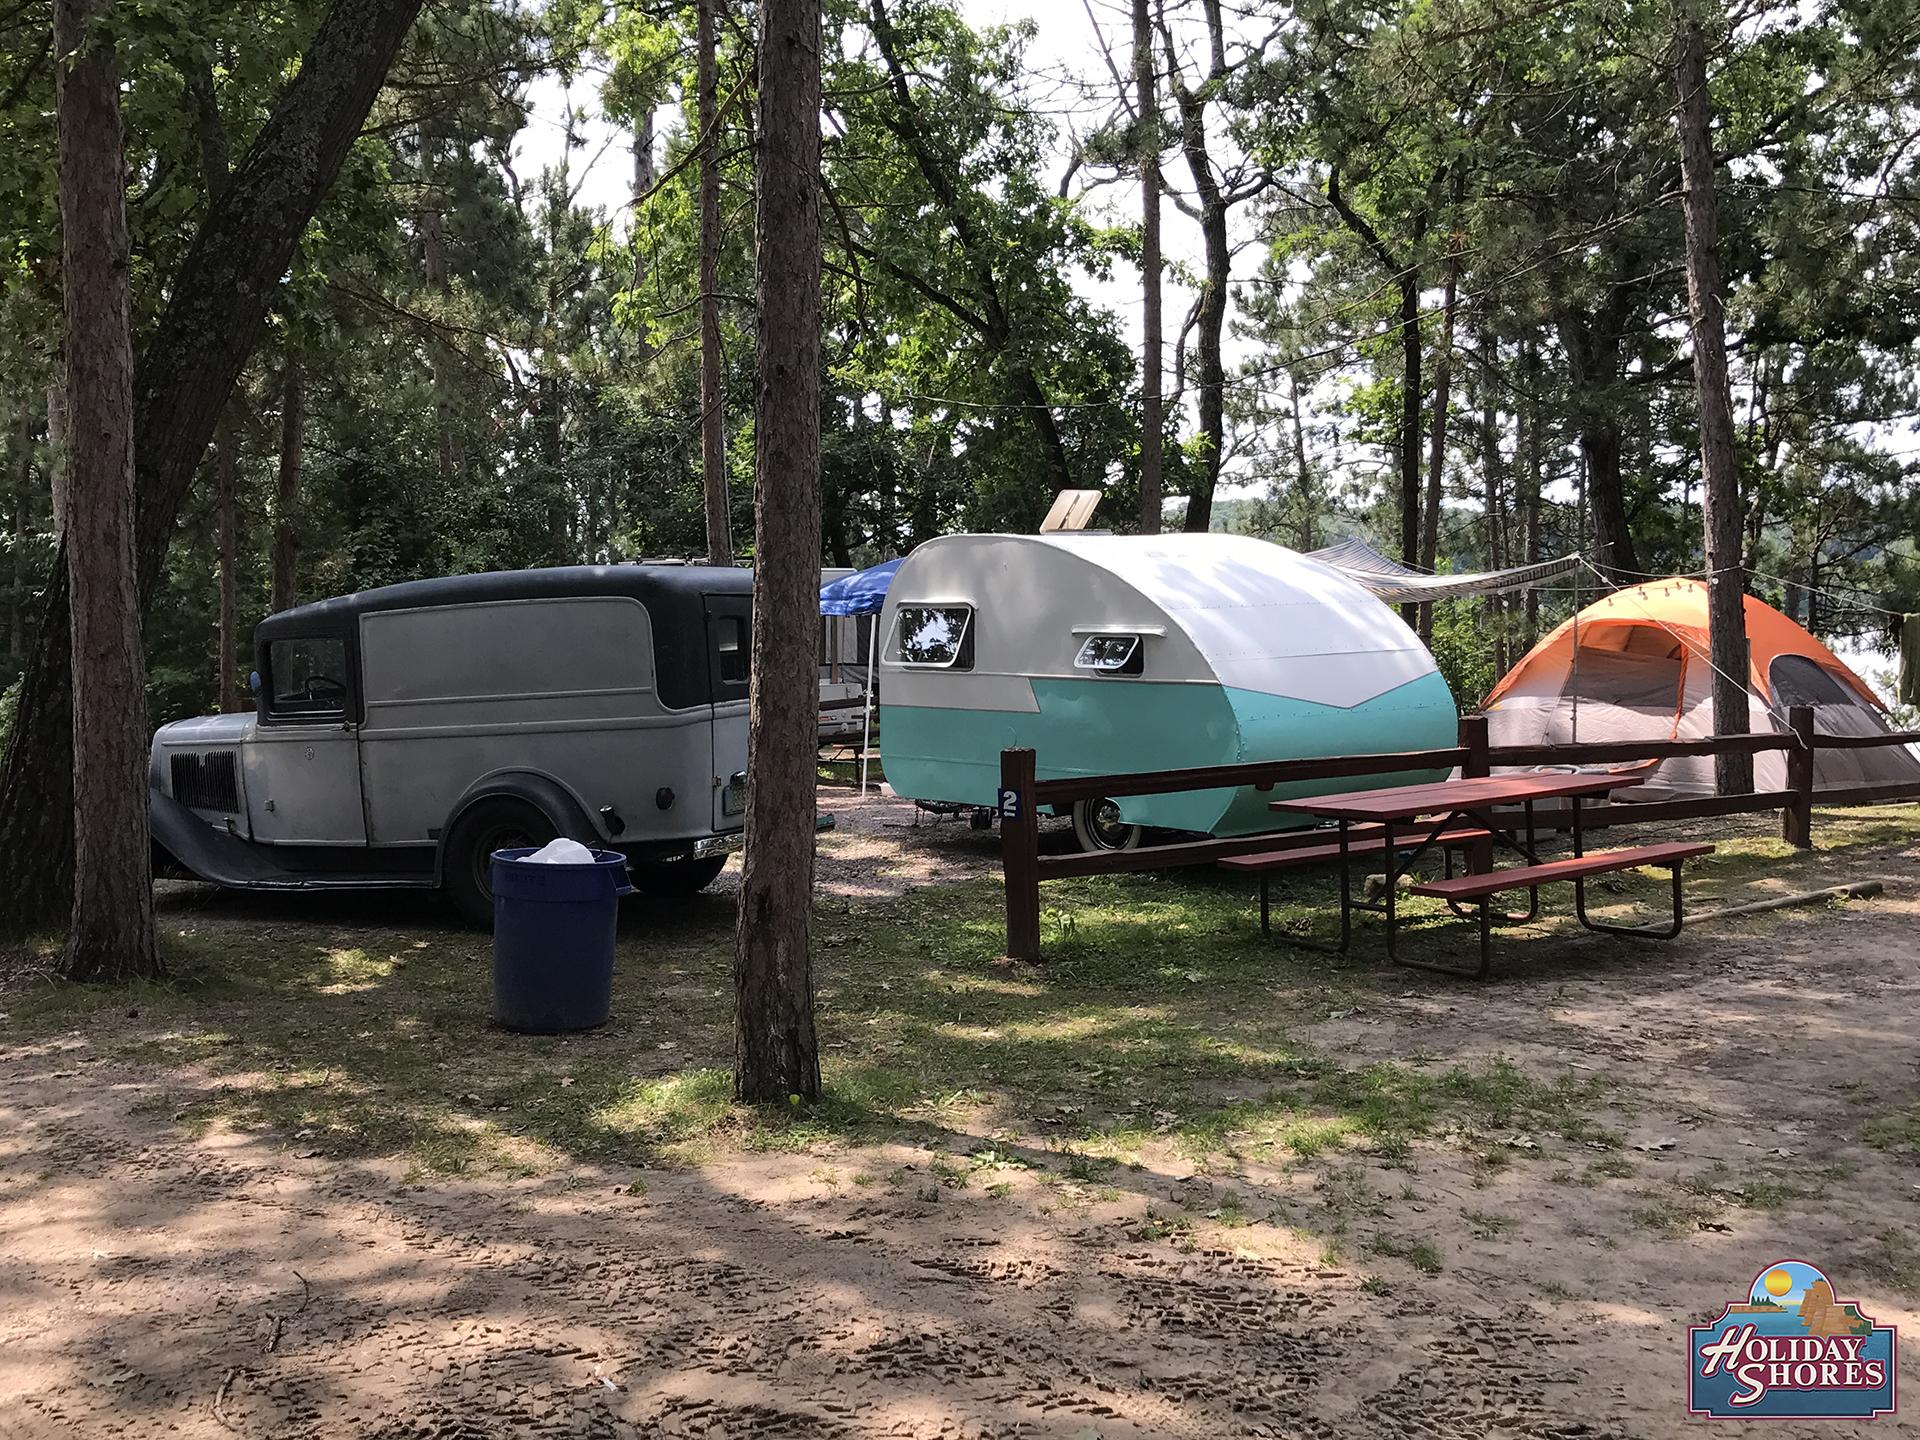 Holiday Shores Non River Campsite 4